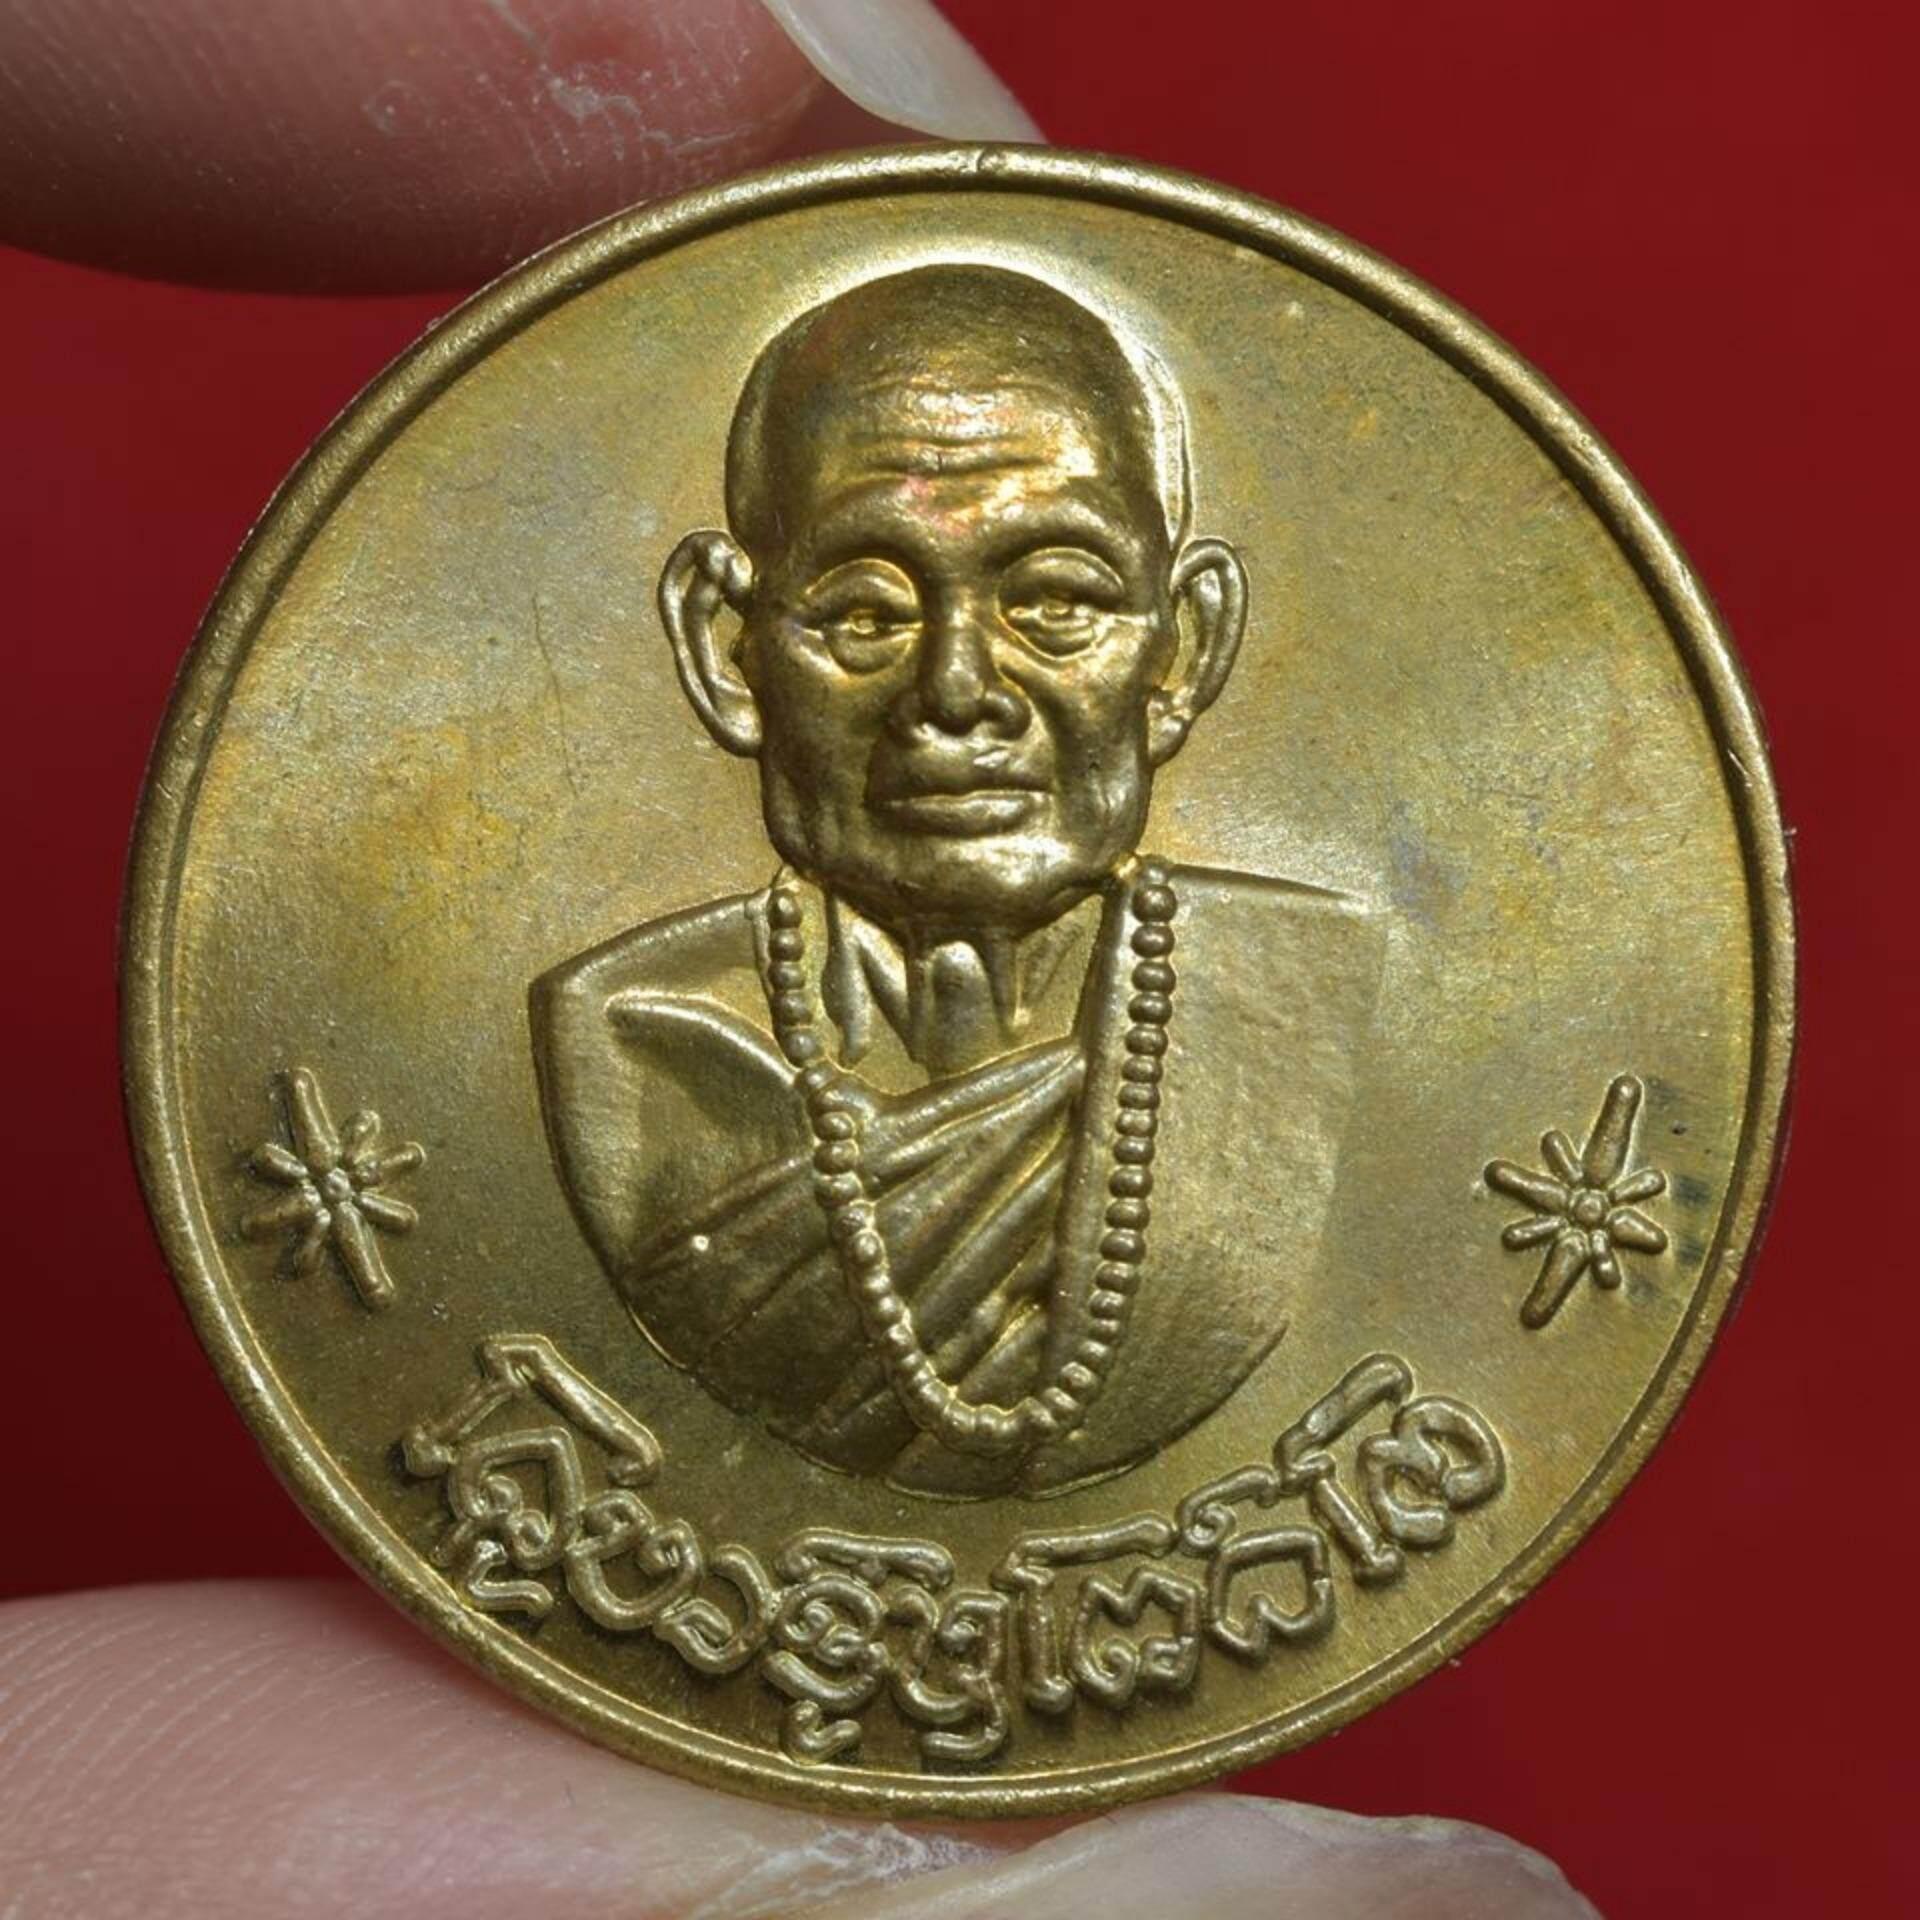 เหรียญโภคทรัพย์ครูบาบุญชุ่ม พระเครื่อง-วัตถุมงคล By The Jems.